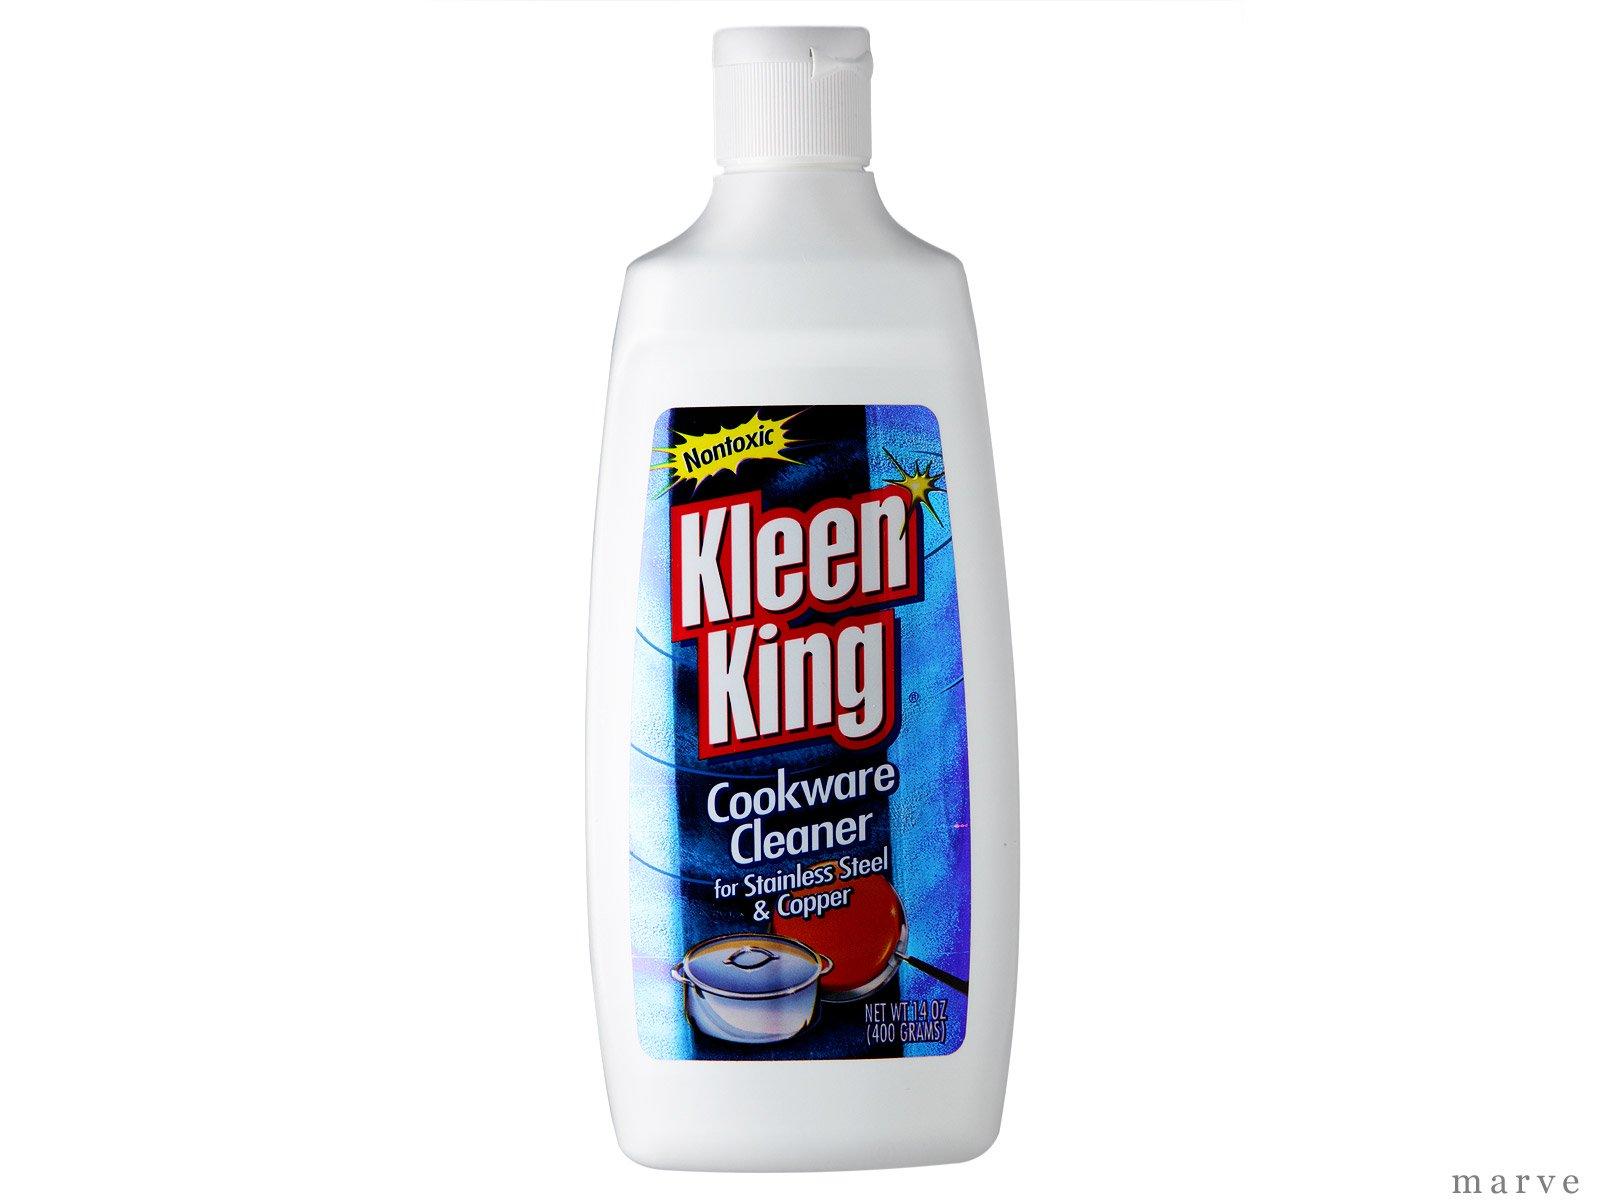 ステンレスクリーナー Kleen King (クリーンキング)リキッド